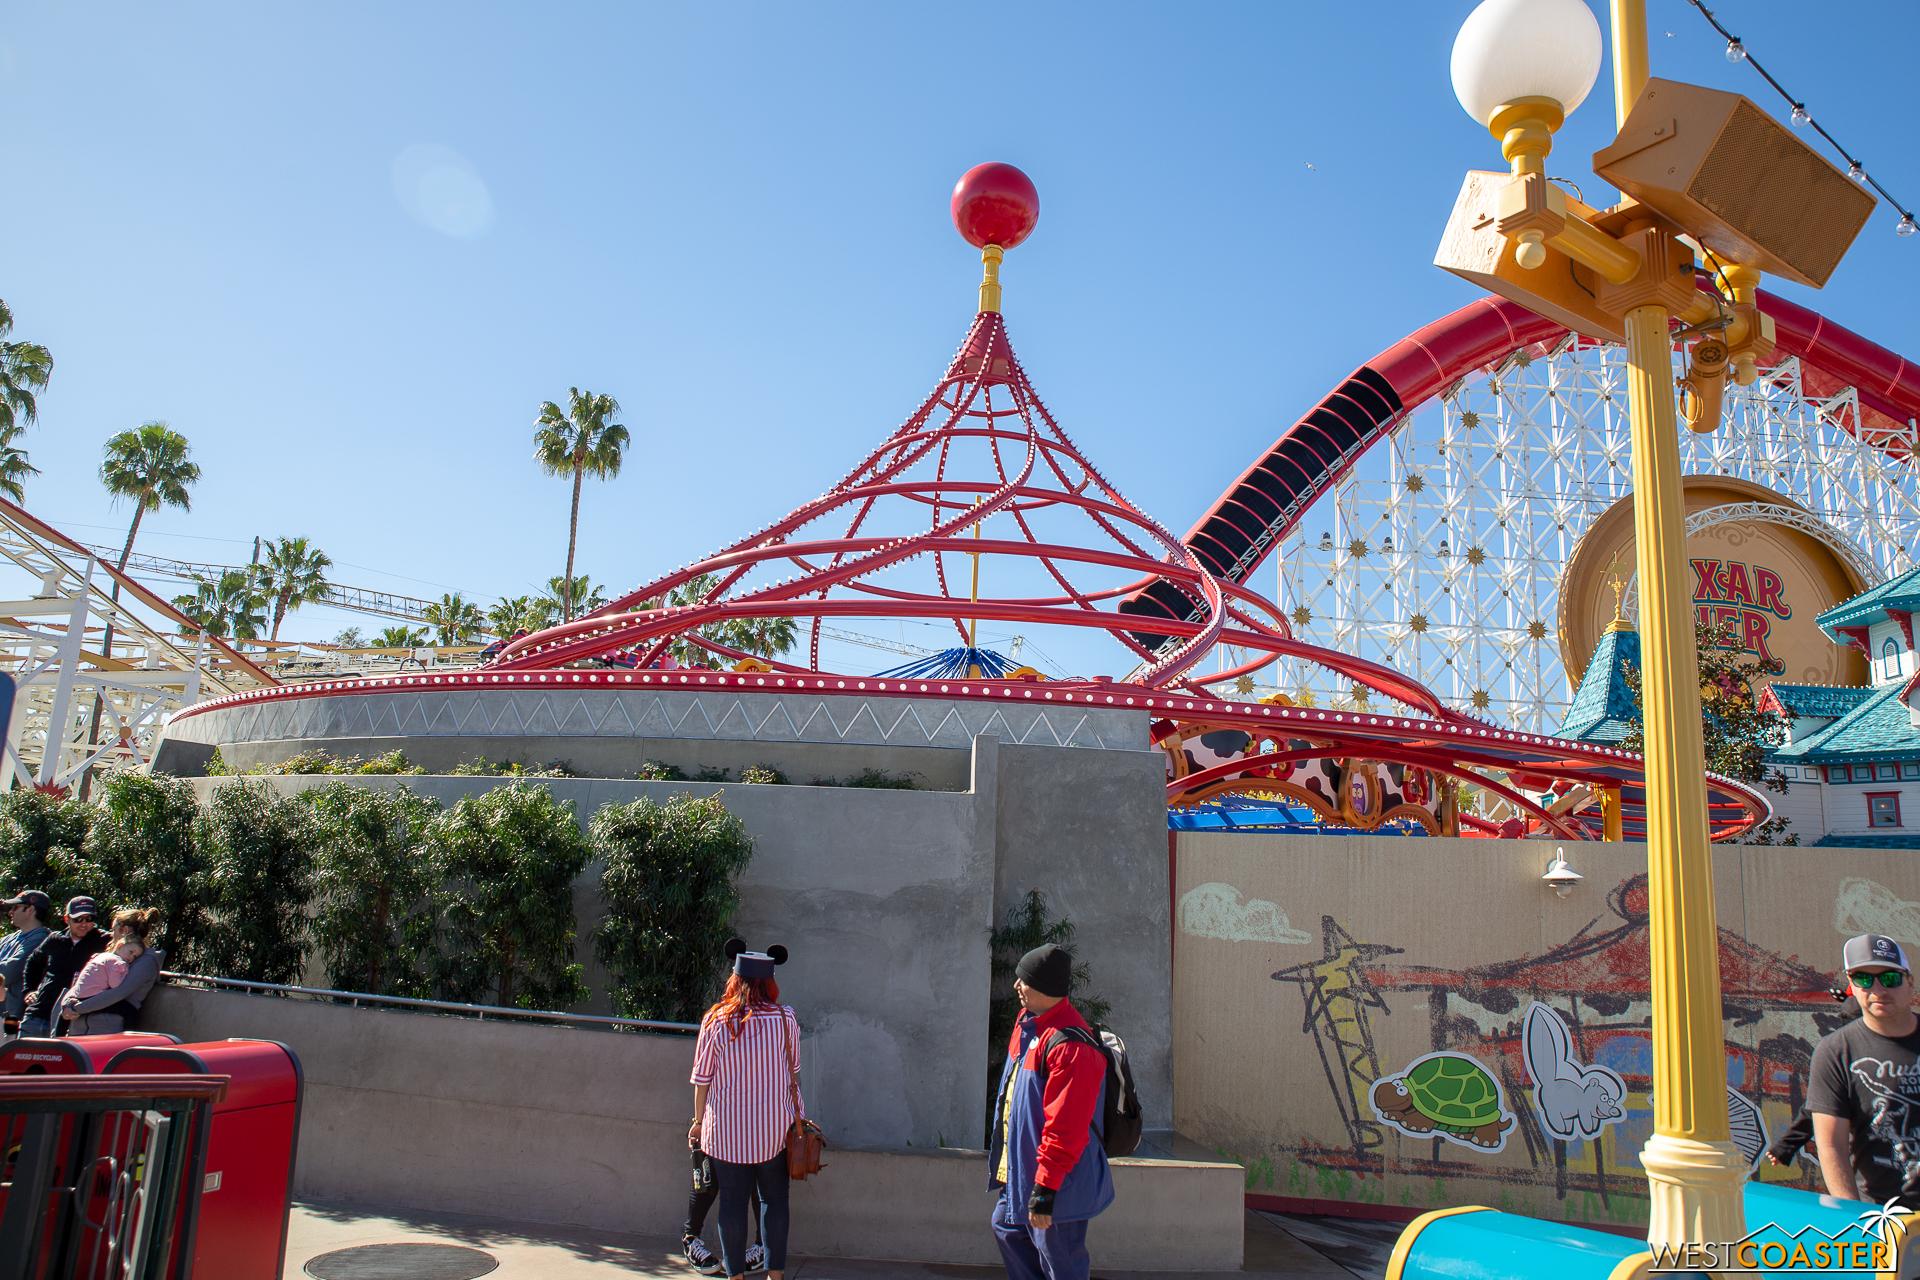 Westcoaster Disneyland Update 2-19-63.jpg